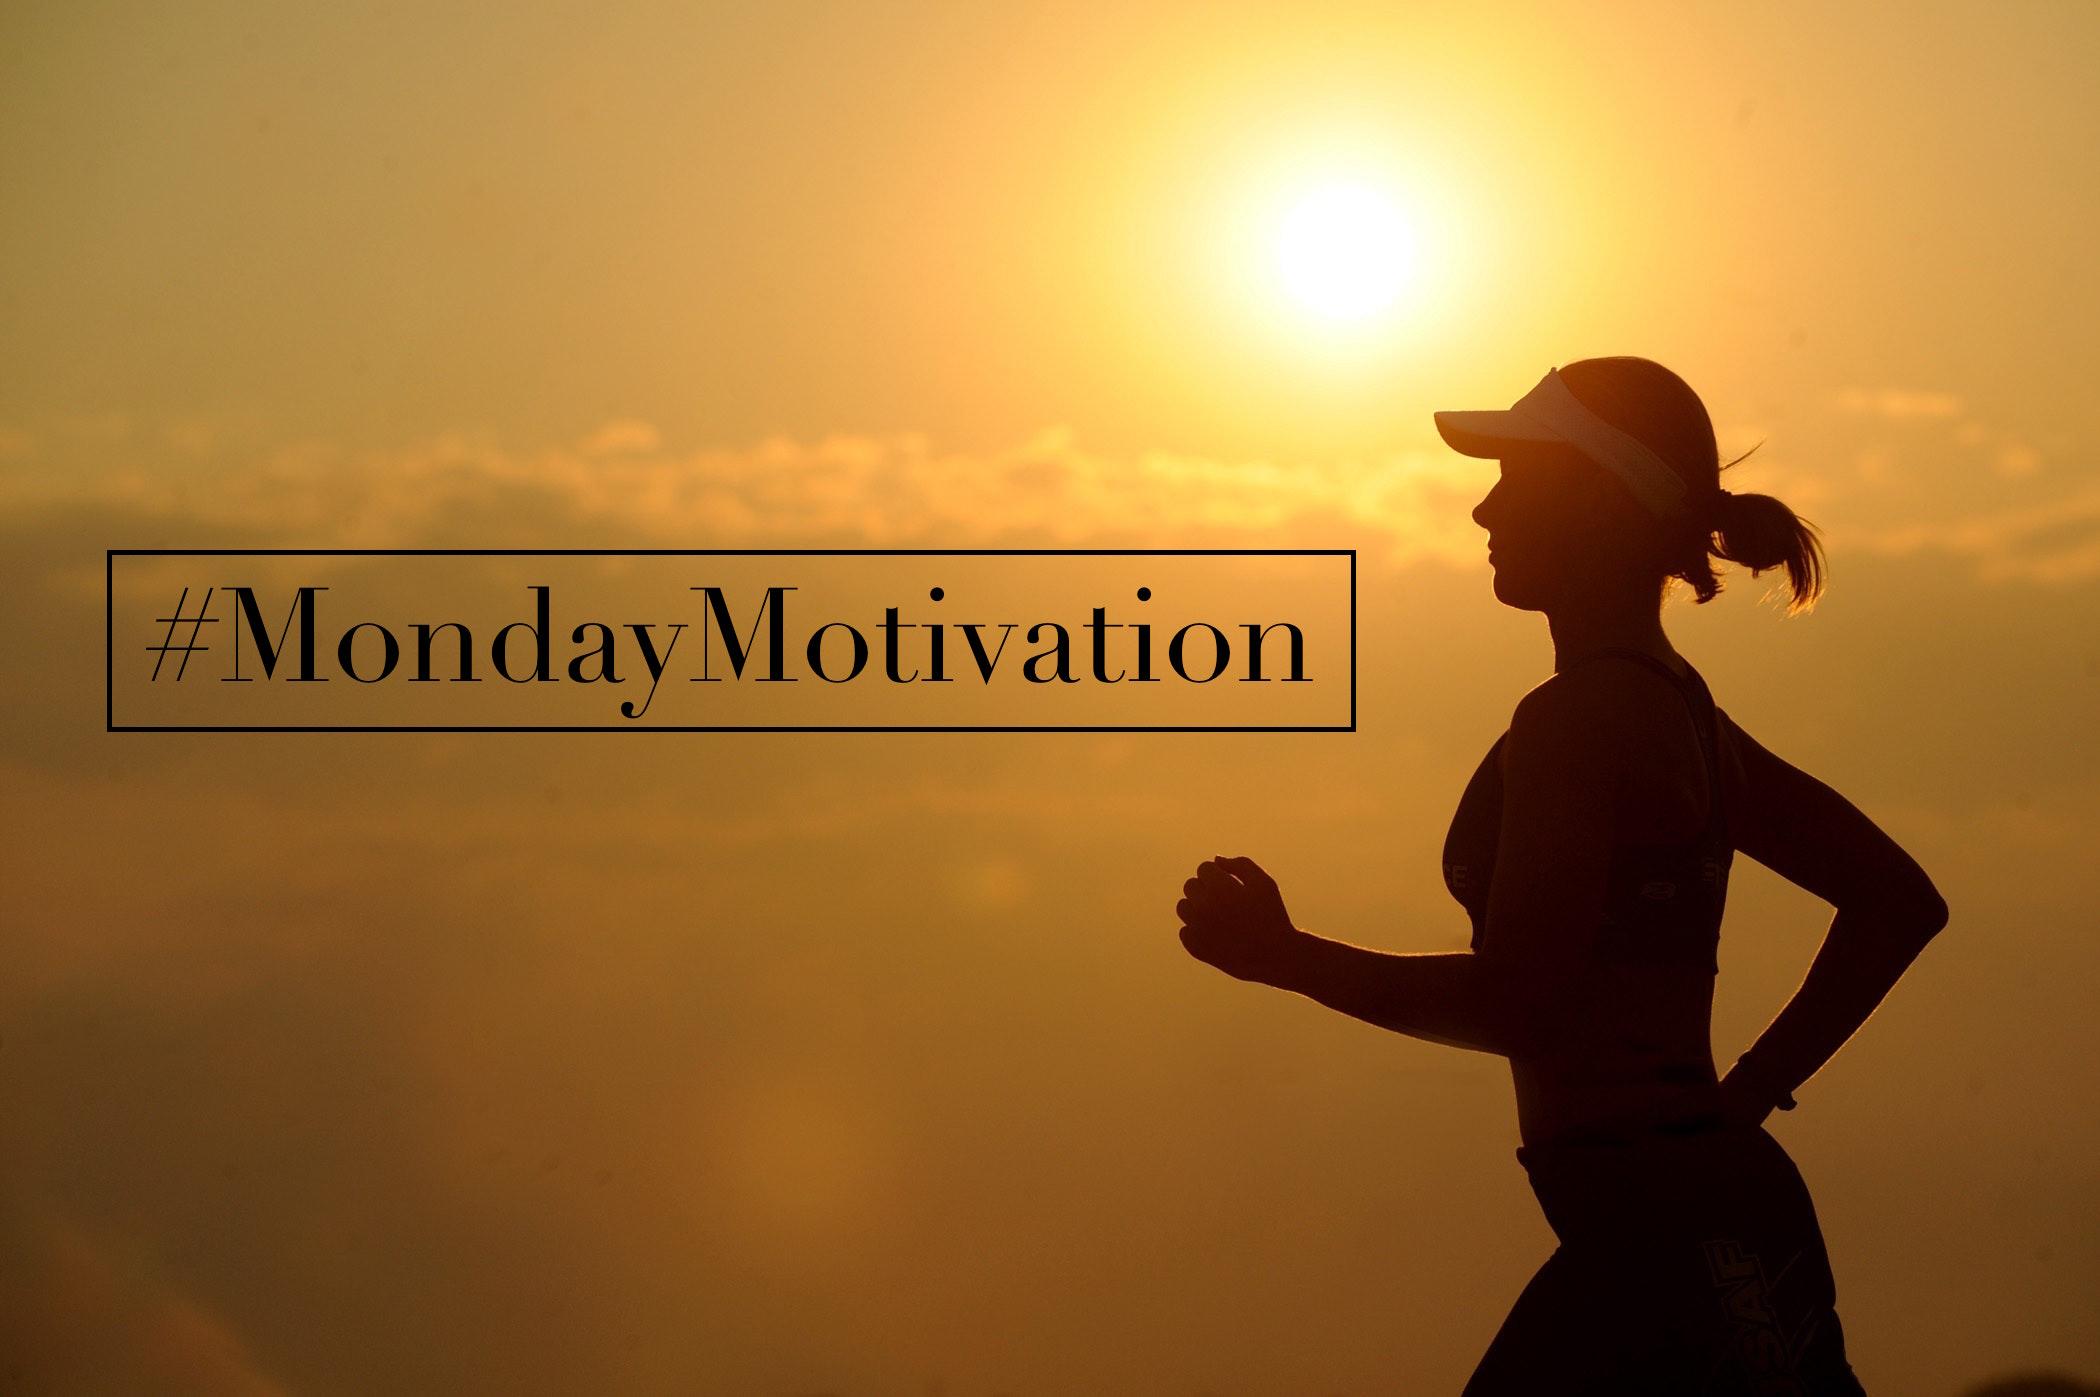 Life Amor Family Monday Motivation Runner